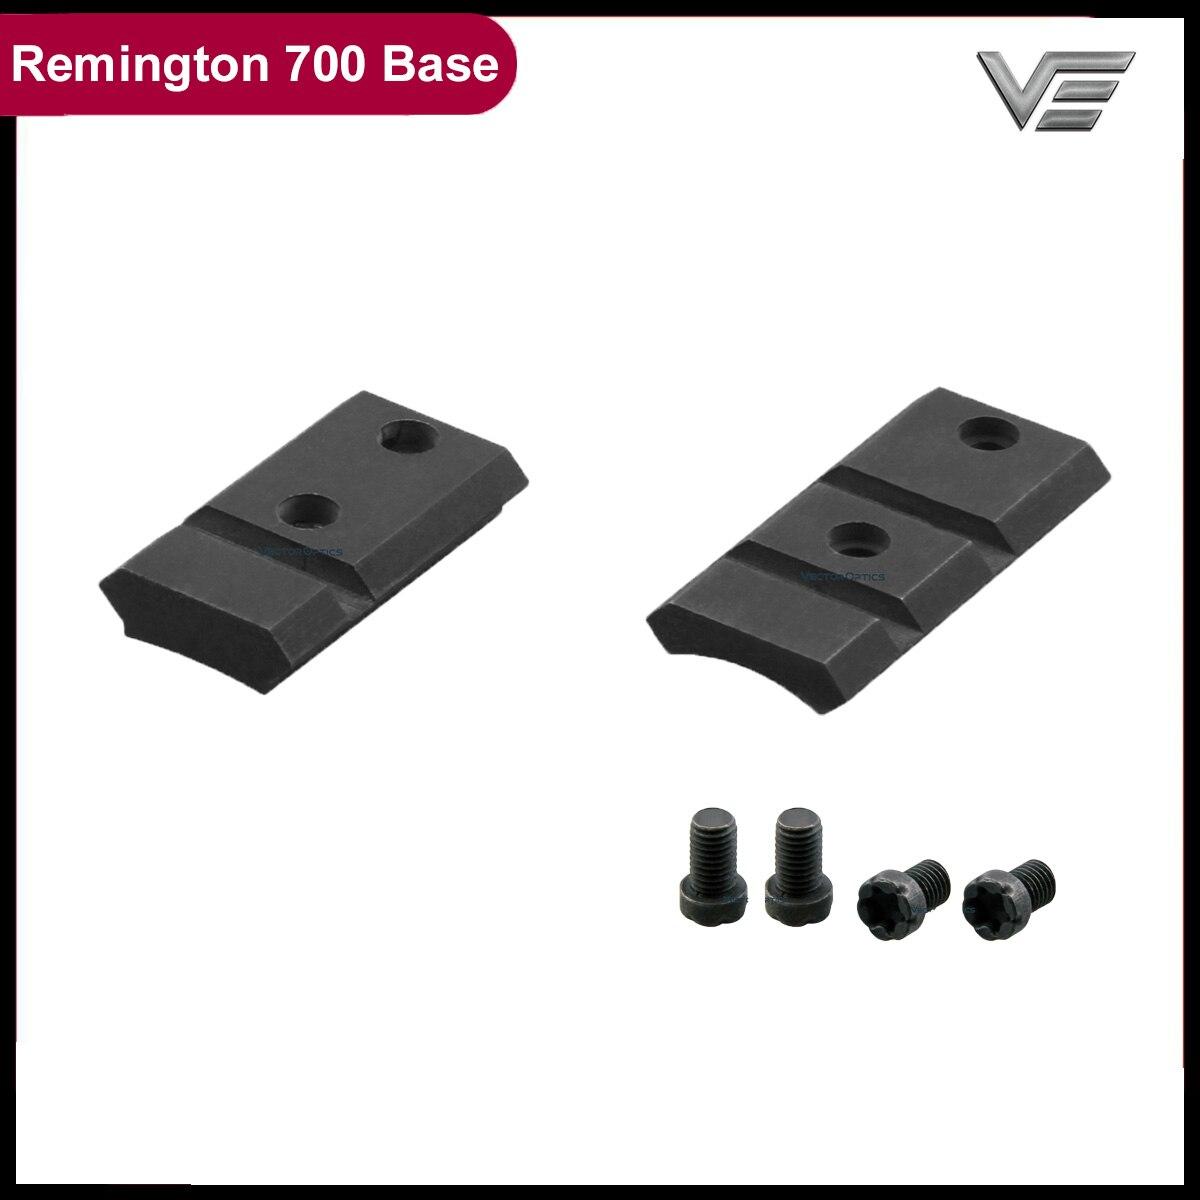 Vector Quang Học Remington 700 Picatinny Nền Ngắn Thép Dài Làm 21 Mm Đường Sắt